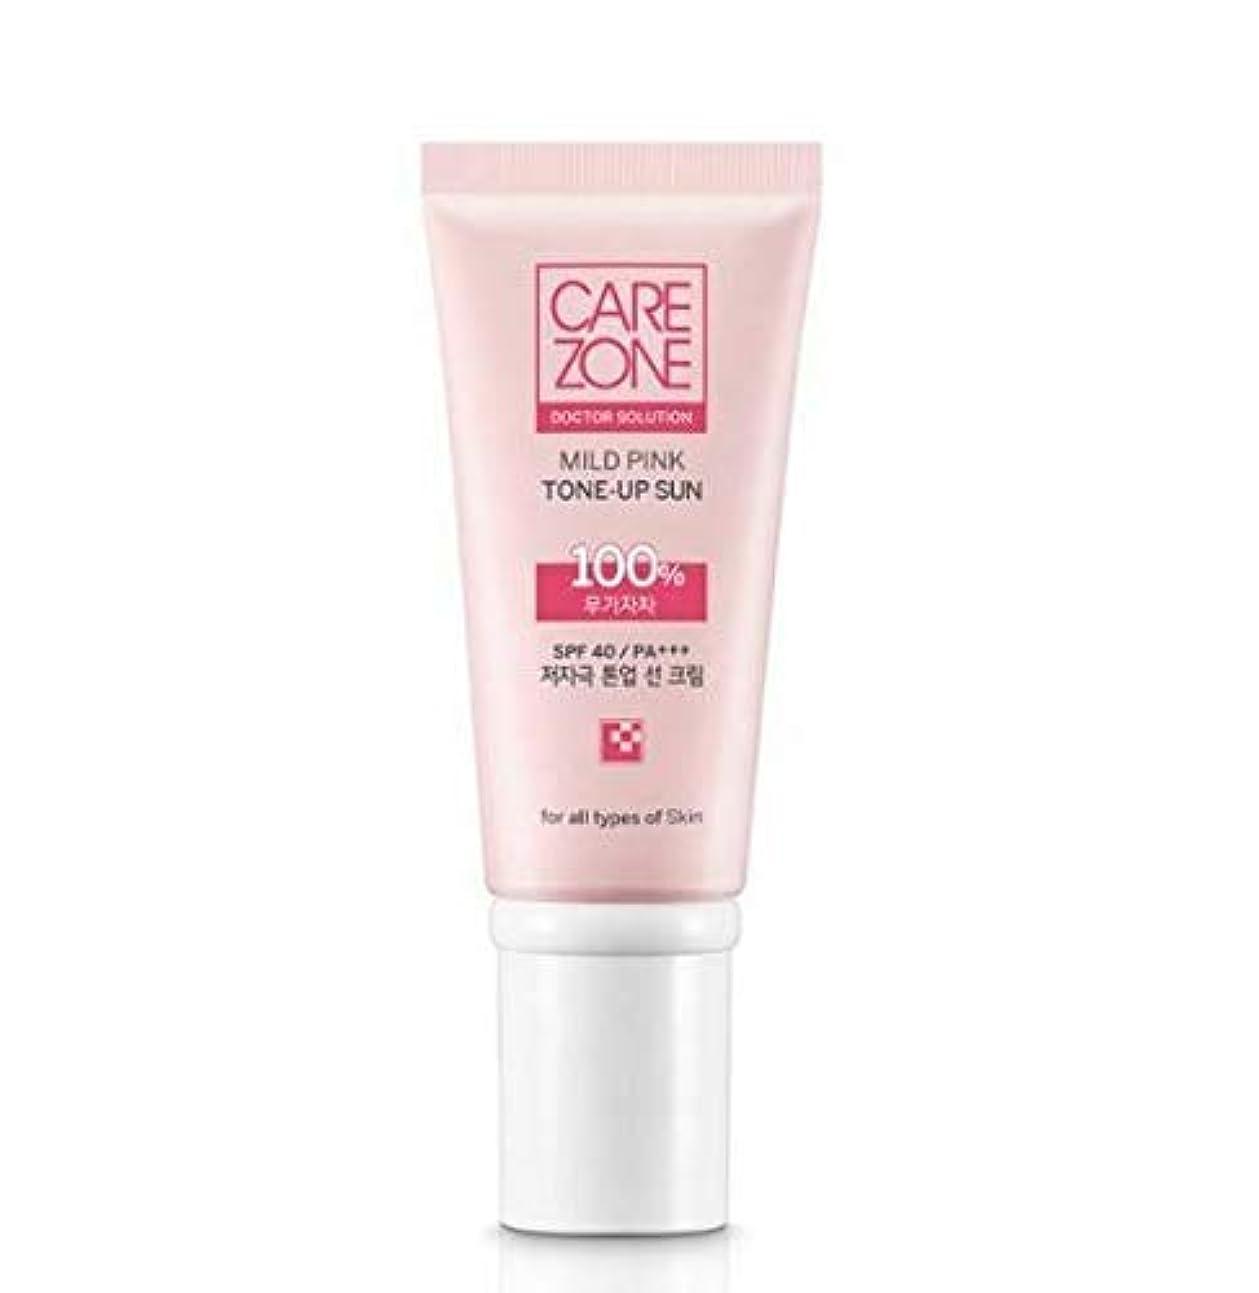 結婚式残酷話ケアゾーン CAREZONE Doctor Solution マイルドピンクトーンアップサン 50ml SPF40/PA+++ Mild Pink Tone-Up Sun